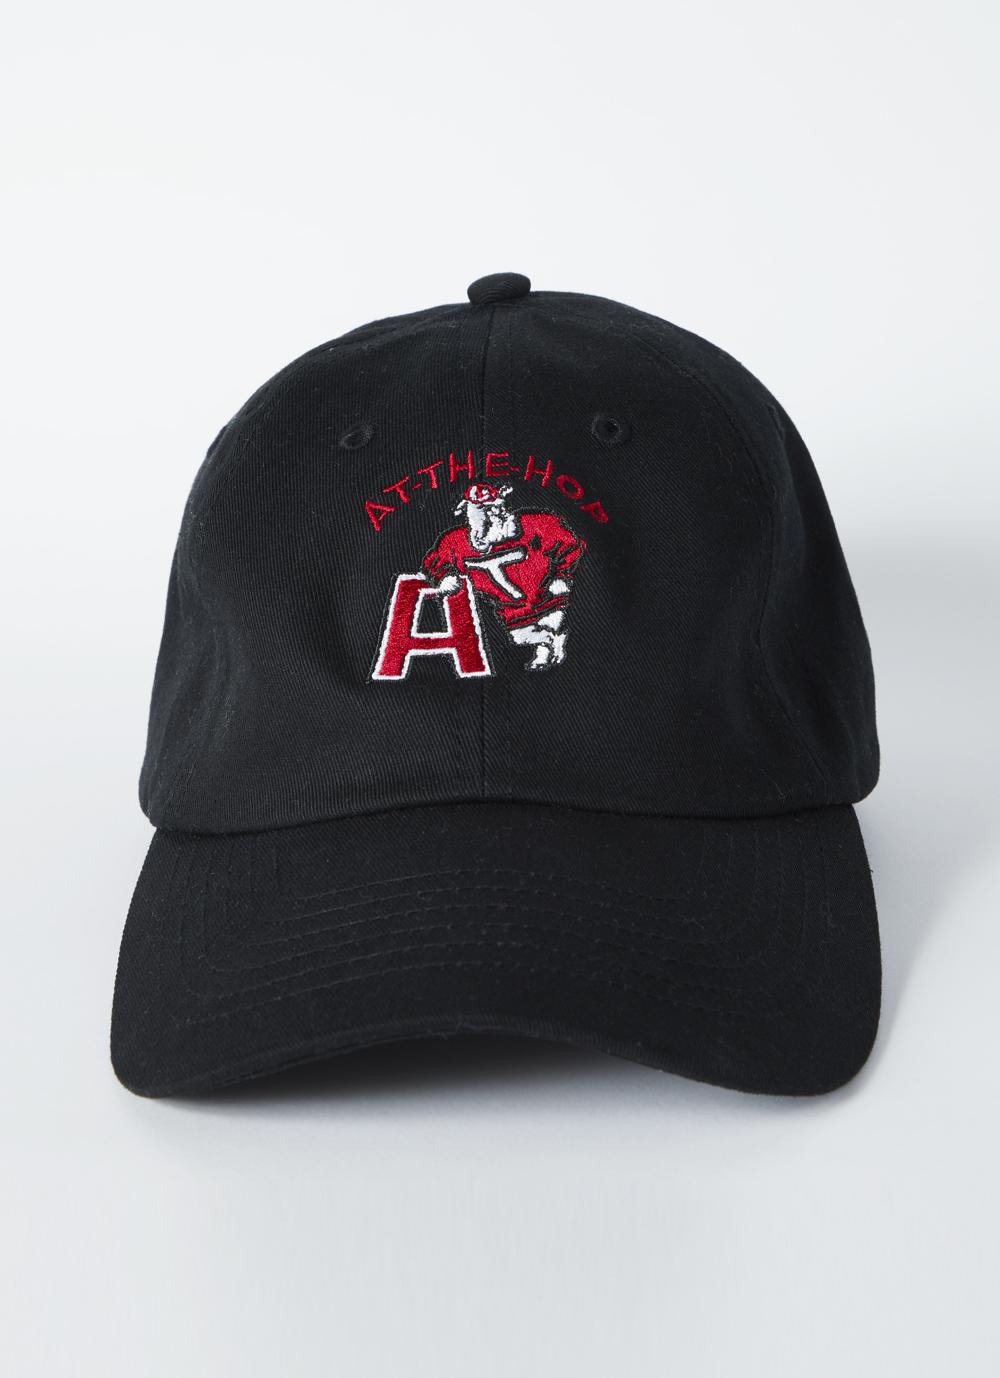 AT-BULL LOW CAP